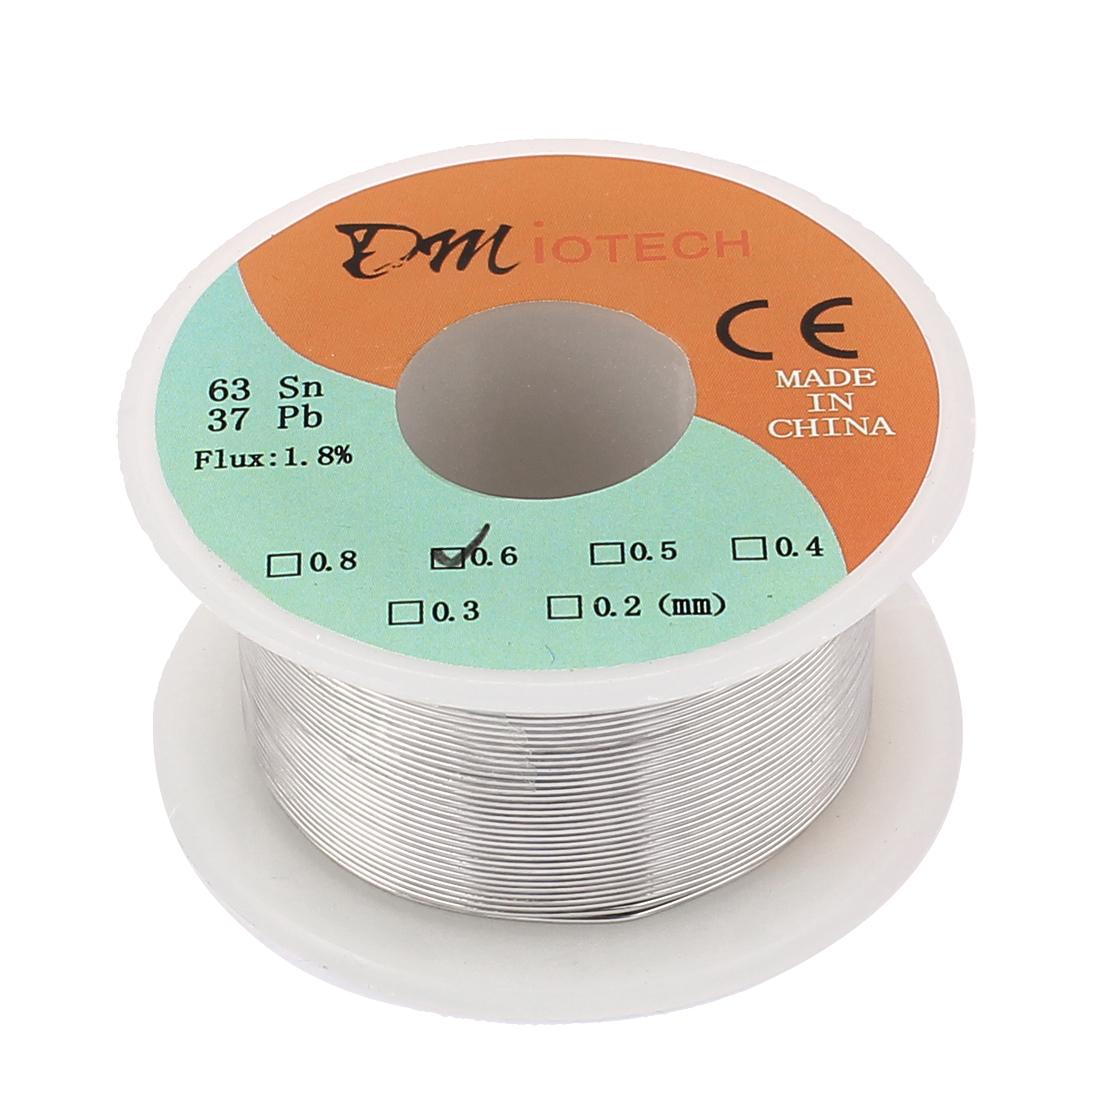 DMiotech 0.6mm 50G 63/37 Tin Lead Roll Solder Core Flux Soldering Wire Reel